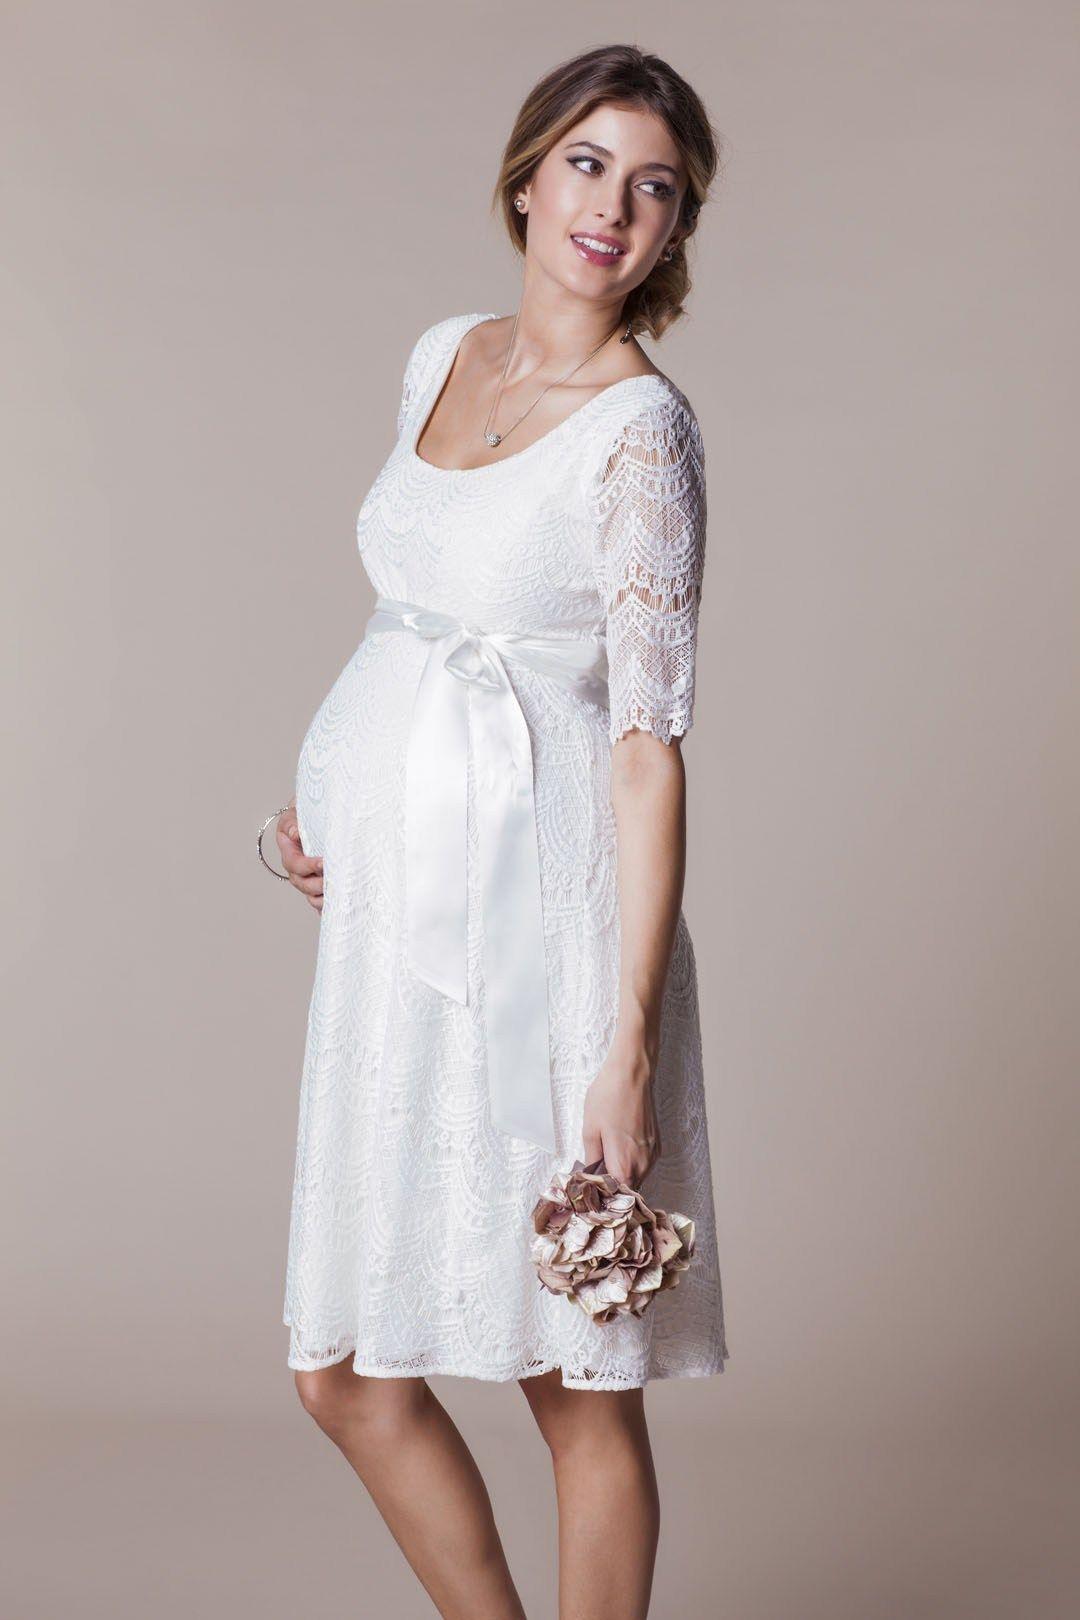 Brautkleider für Schwangere von Boesckens Erkelenz   Brautkleider ...